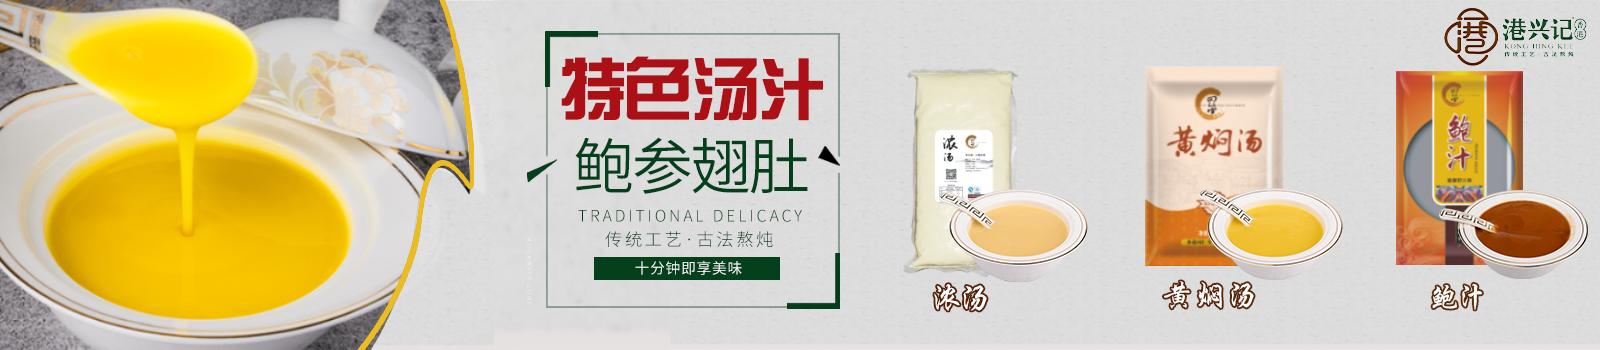 上海黄焖汤厂家